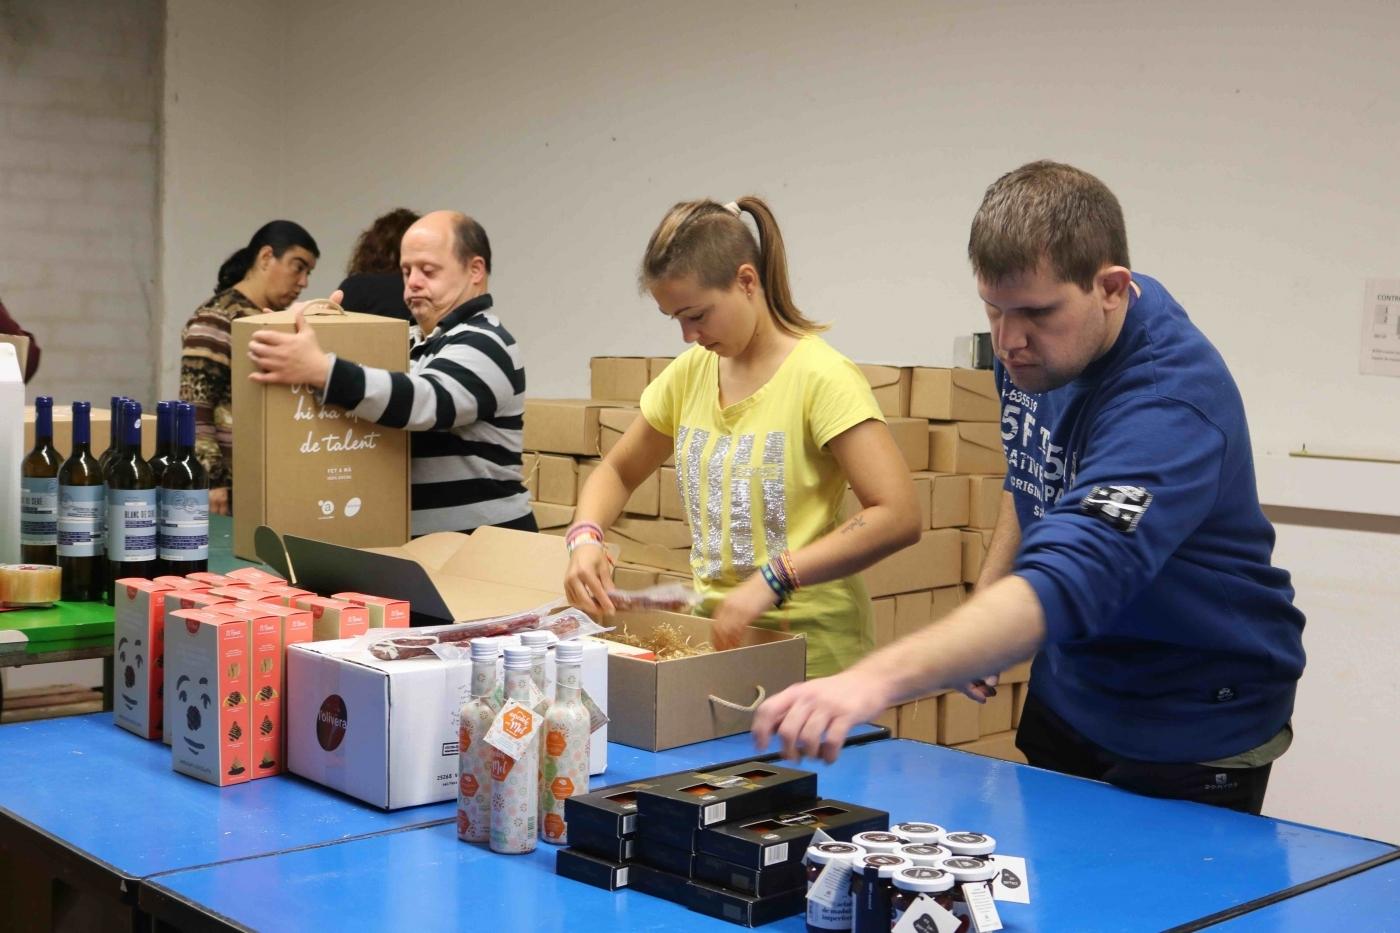 Generem 12 nous llocs de treball en campanya de Nadal gràcies als seus lots de Nadal i a l'obrador de galetes El Rosal.